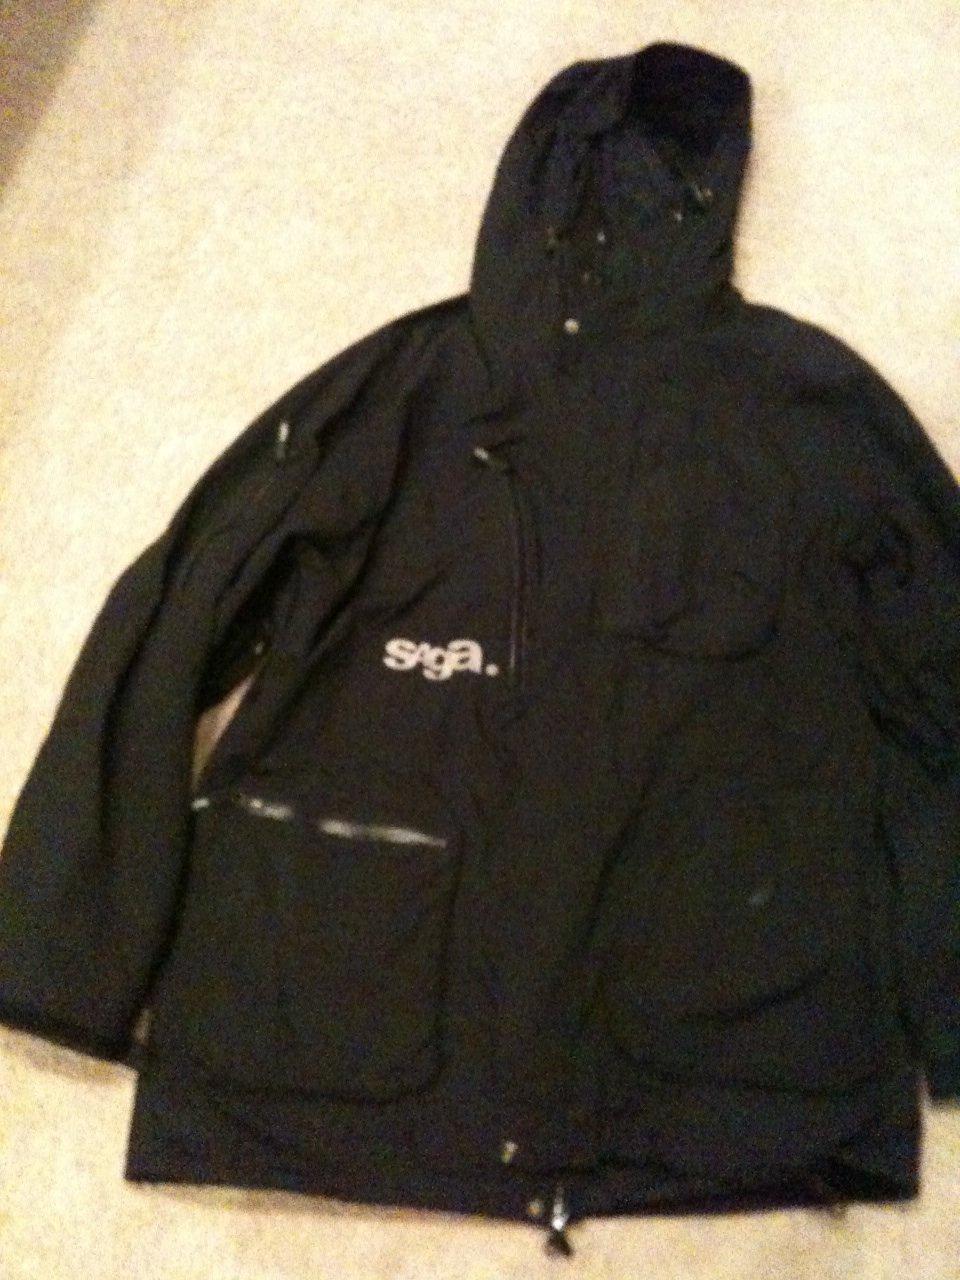 Black saga jacket